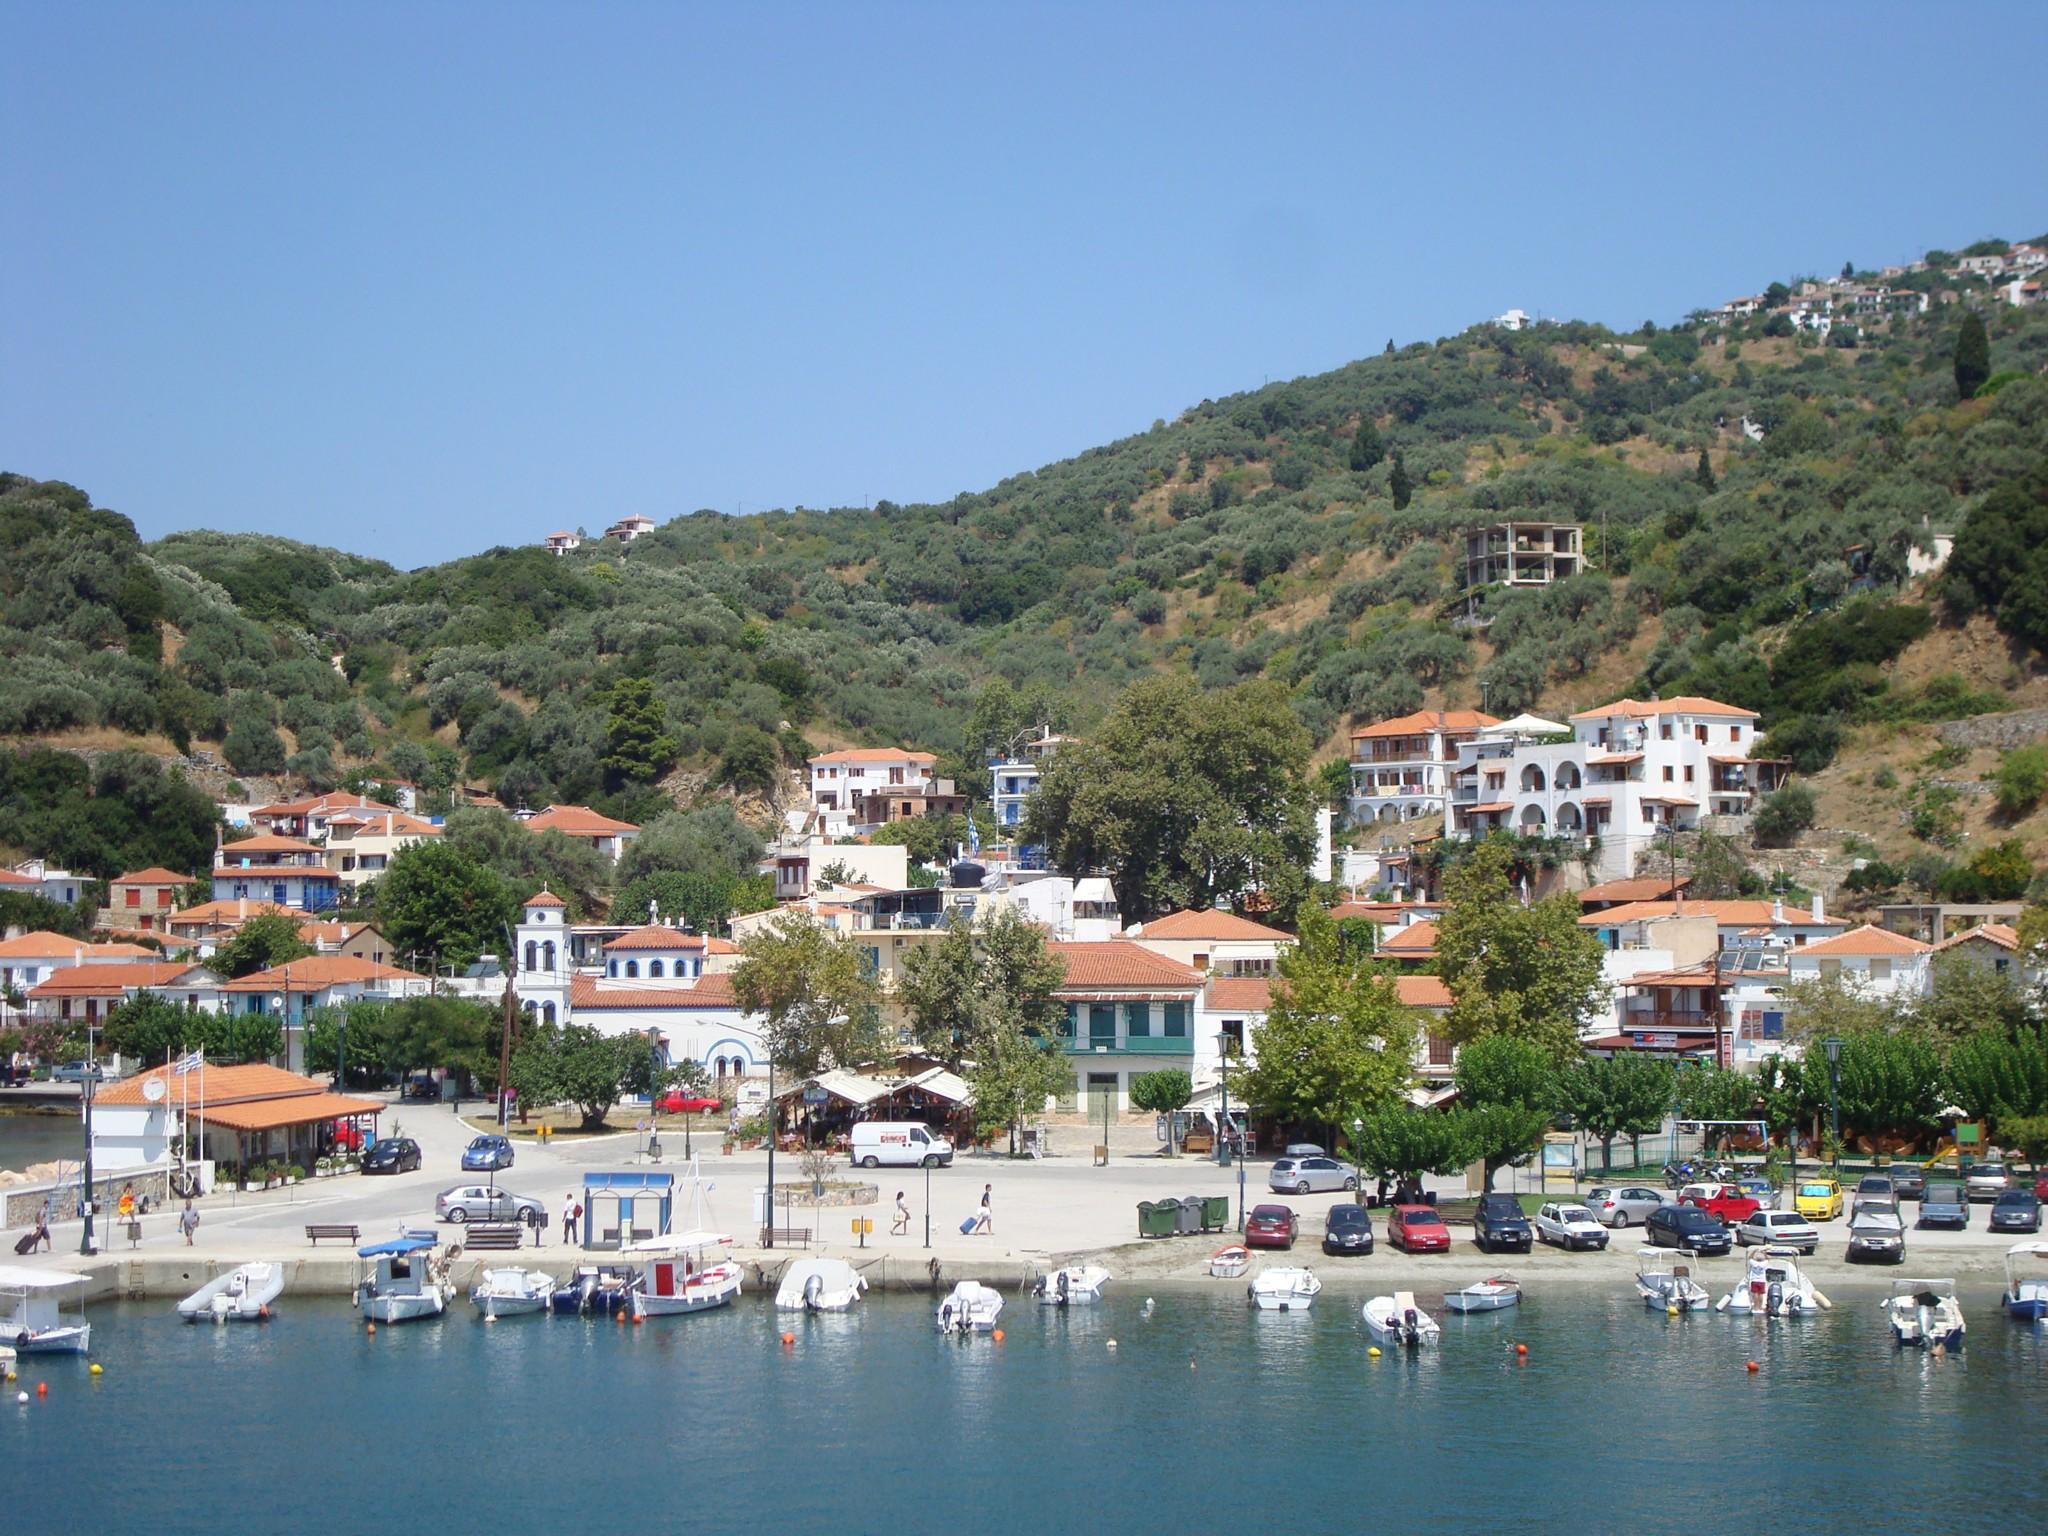 File:Loutraki village in Skopelos 1.JPG - Wikimedia Commons